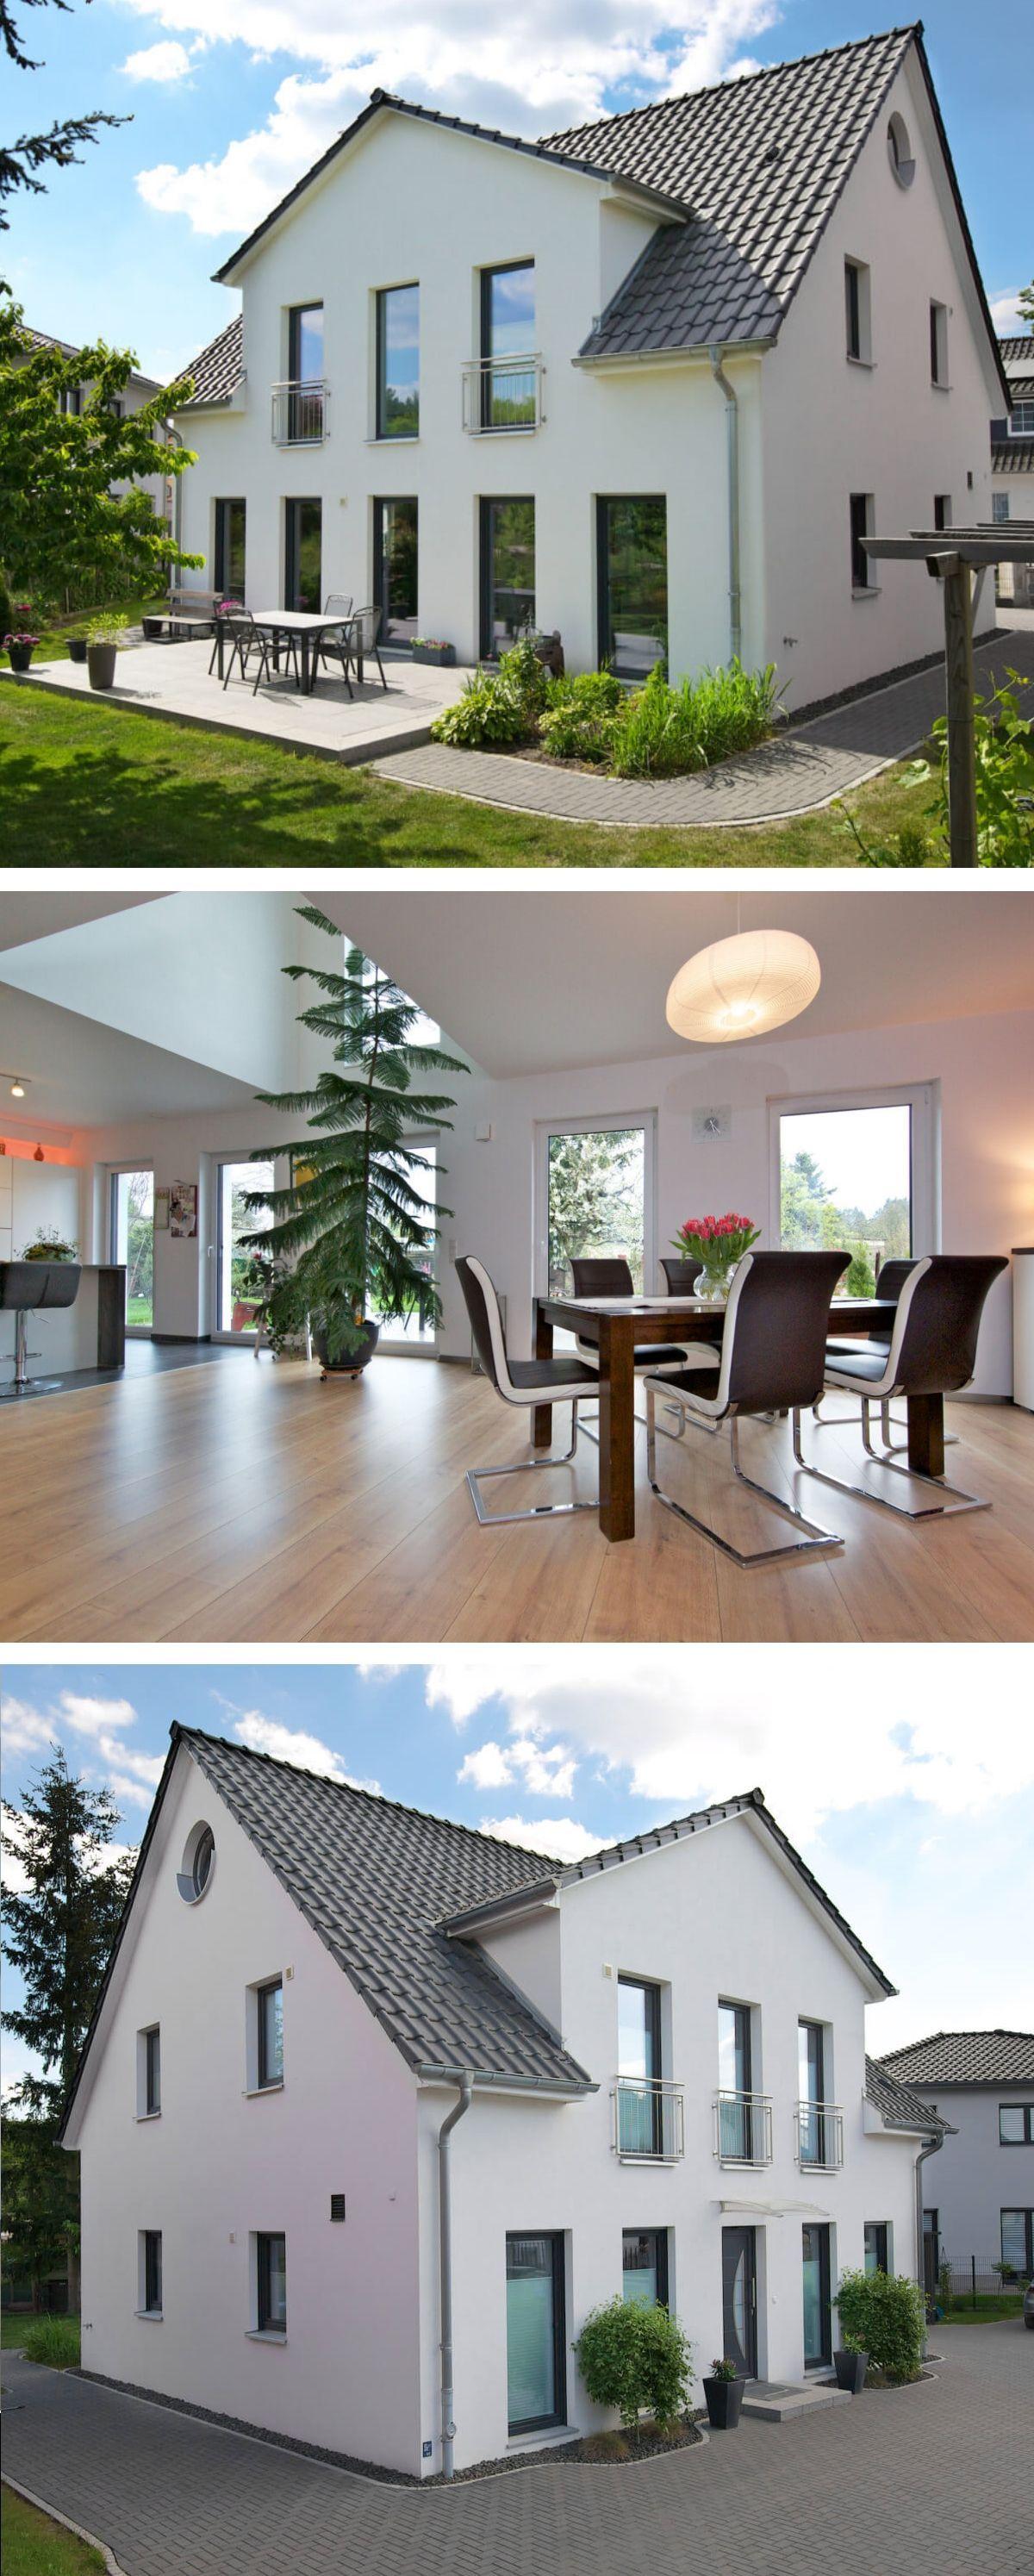 einfamilienhaus neubau modern mit satteldach architektur galerie zwerchgiebel haus bauen. Black Bedroom Furniture Sets. Home Design Ideas